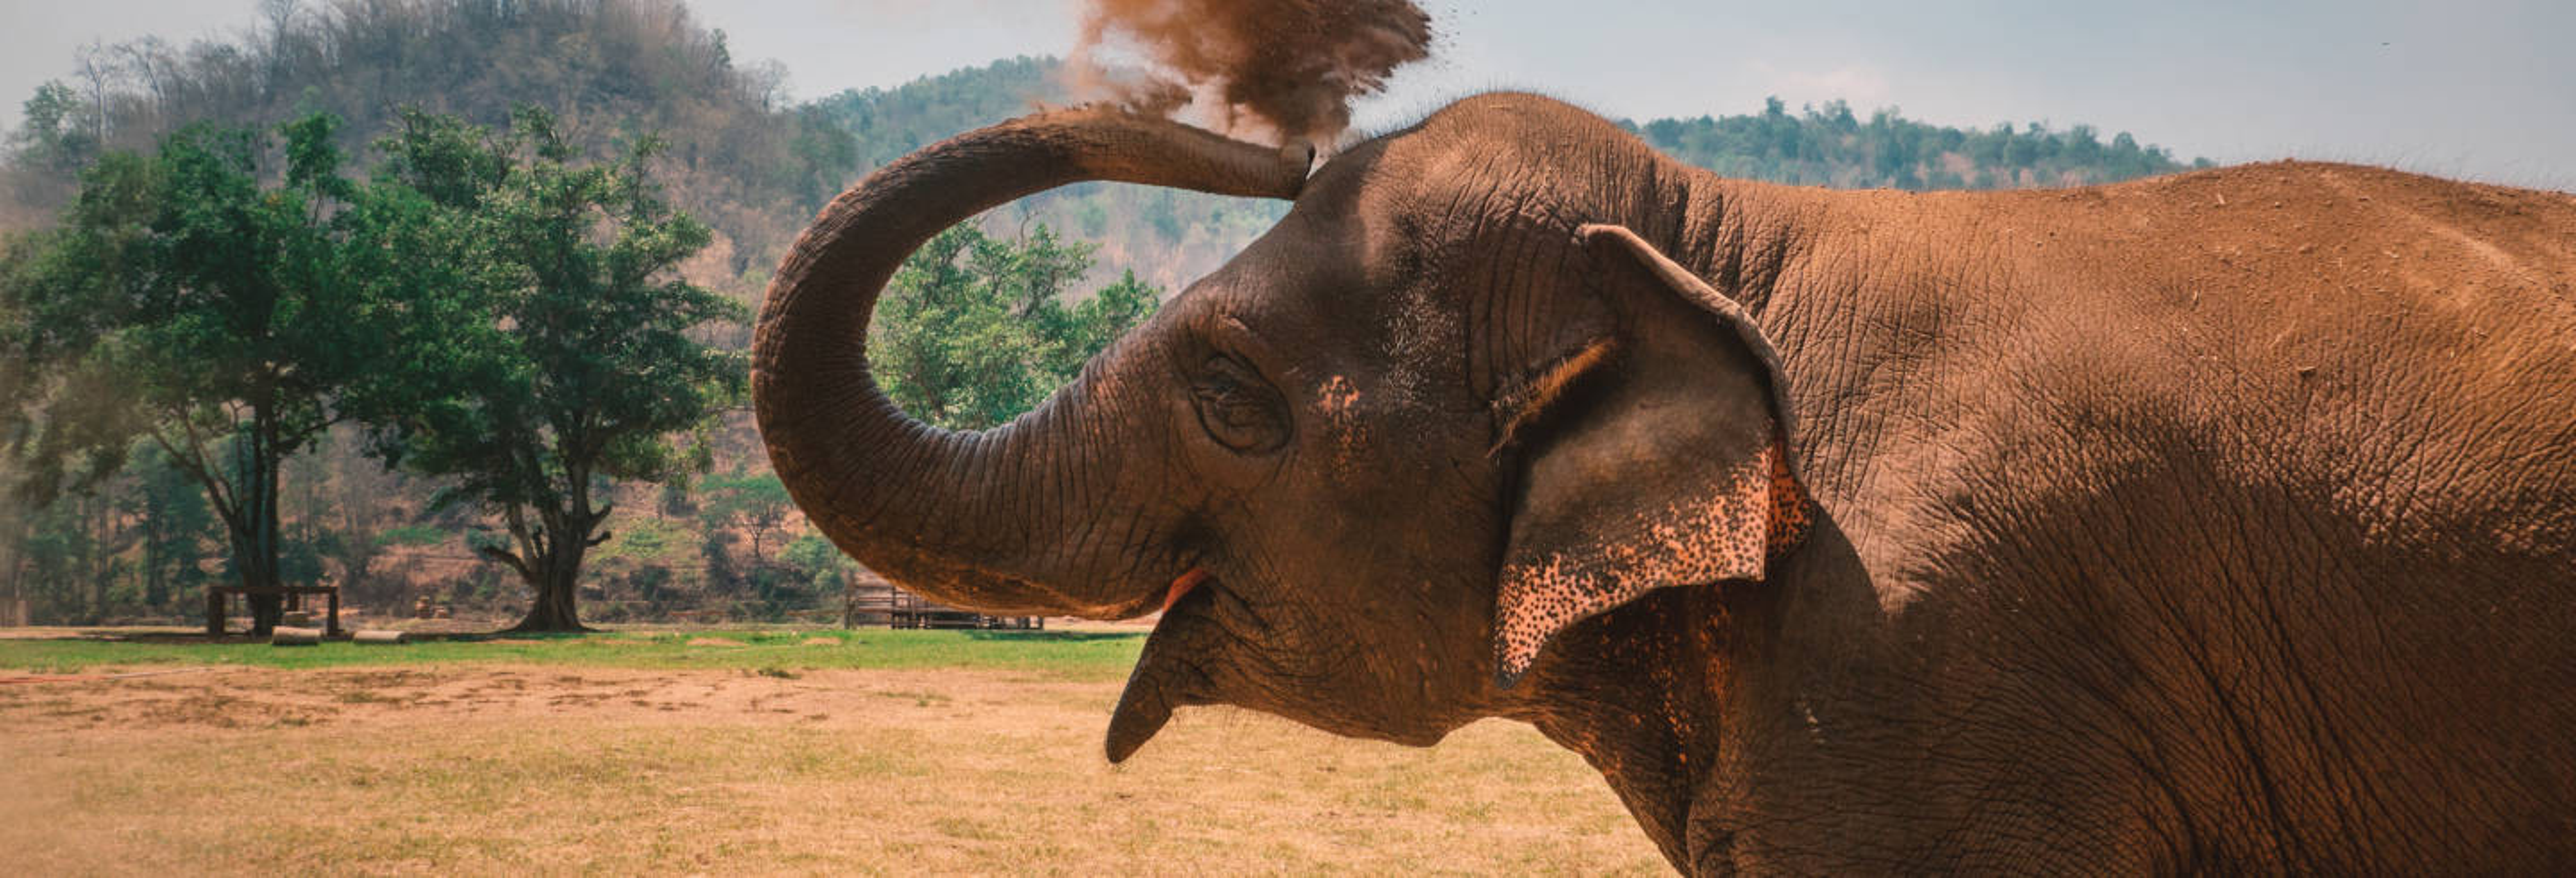 Excursión al refugio de elefantes de Tung La Korn en 4x4